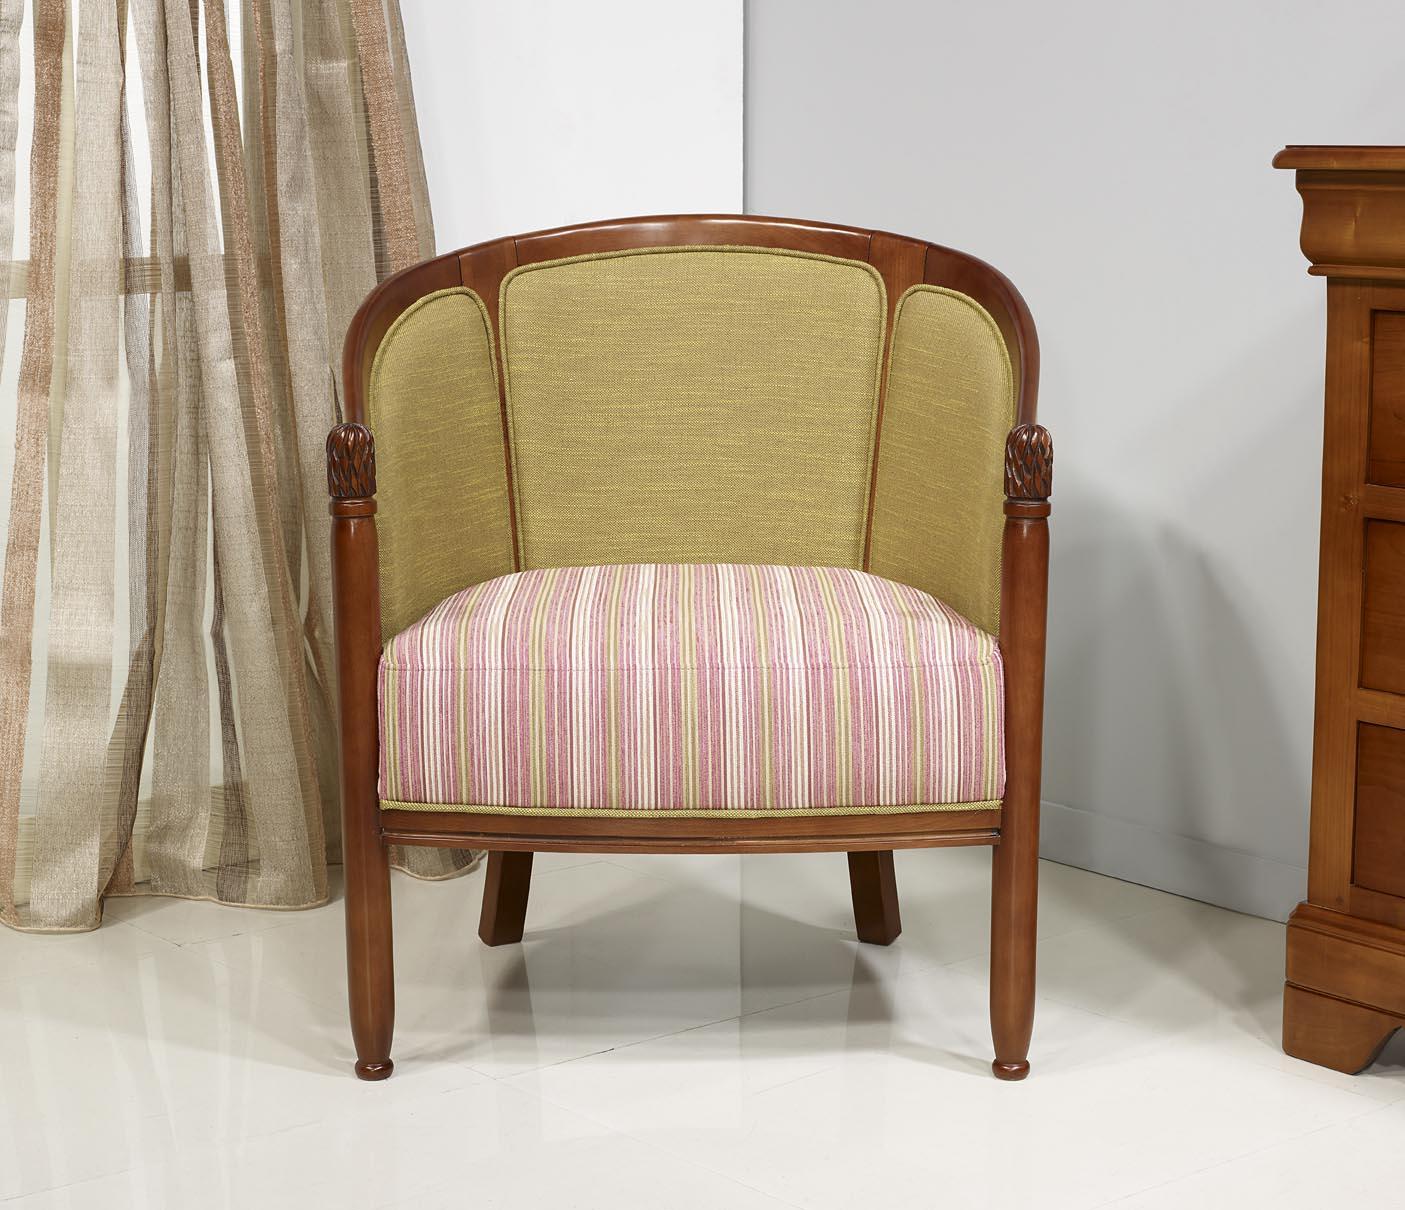 Fauteuil Cabriolet en hªtre massif de style Louis Philippe meuble